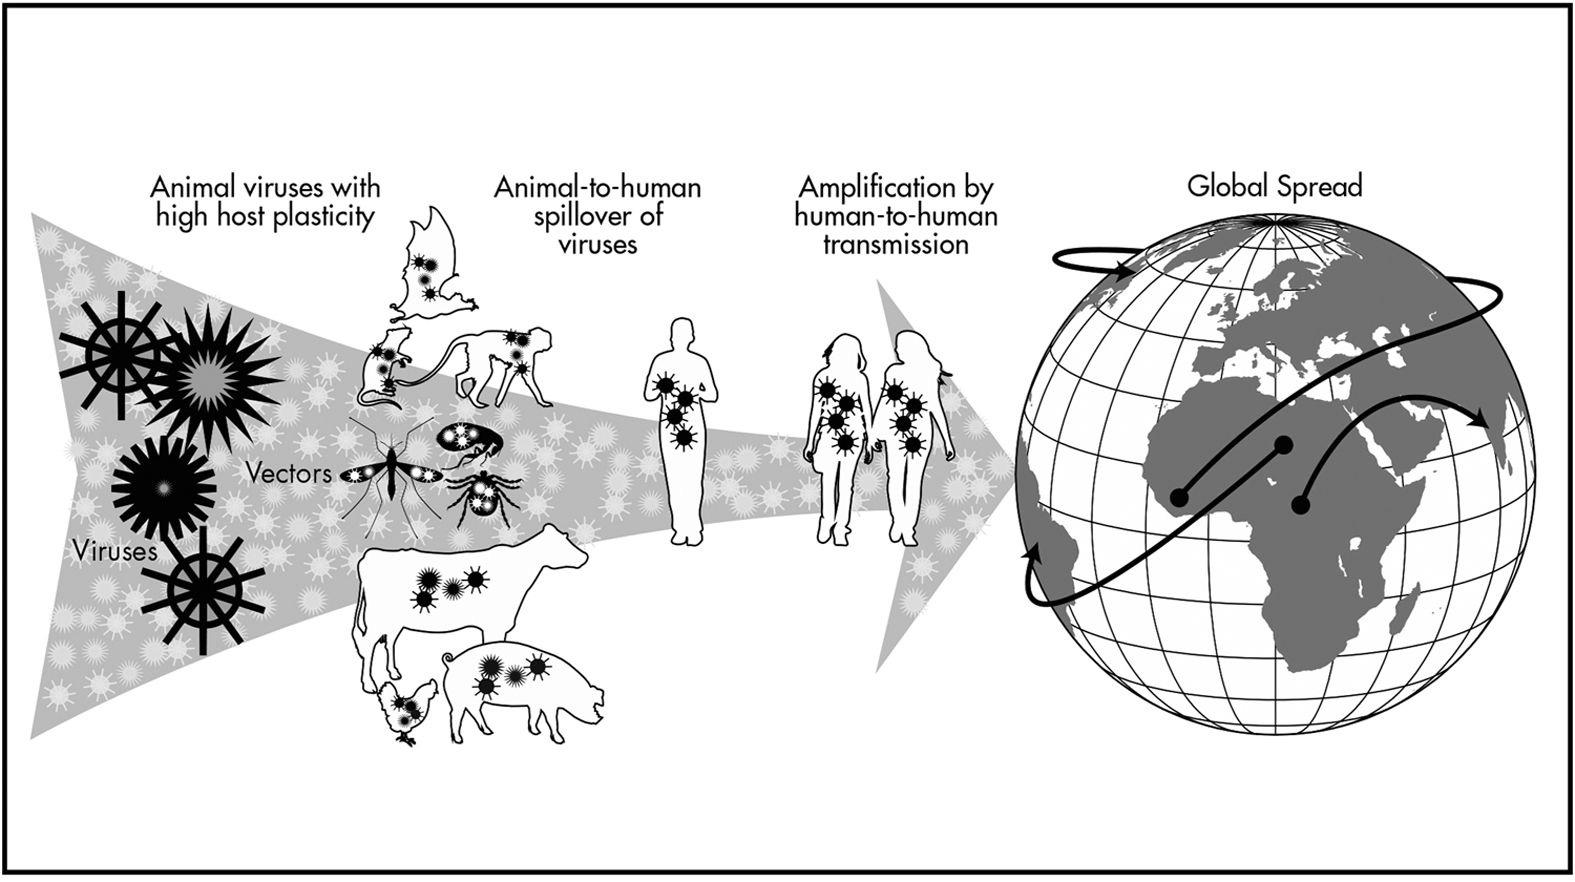 Để ngăn chặn các đại dịch trong tương lai, chúng ta cần coi sức khỏe của con người và cả hệ sinh thái là một - Ảnh 2.